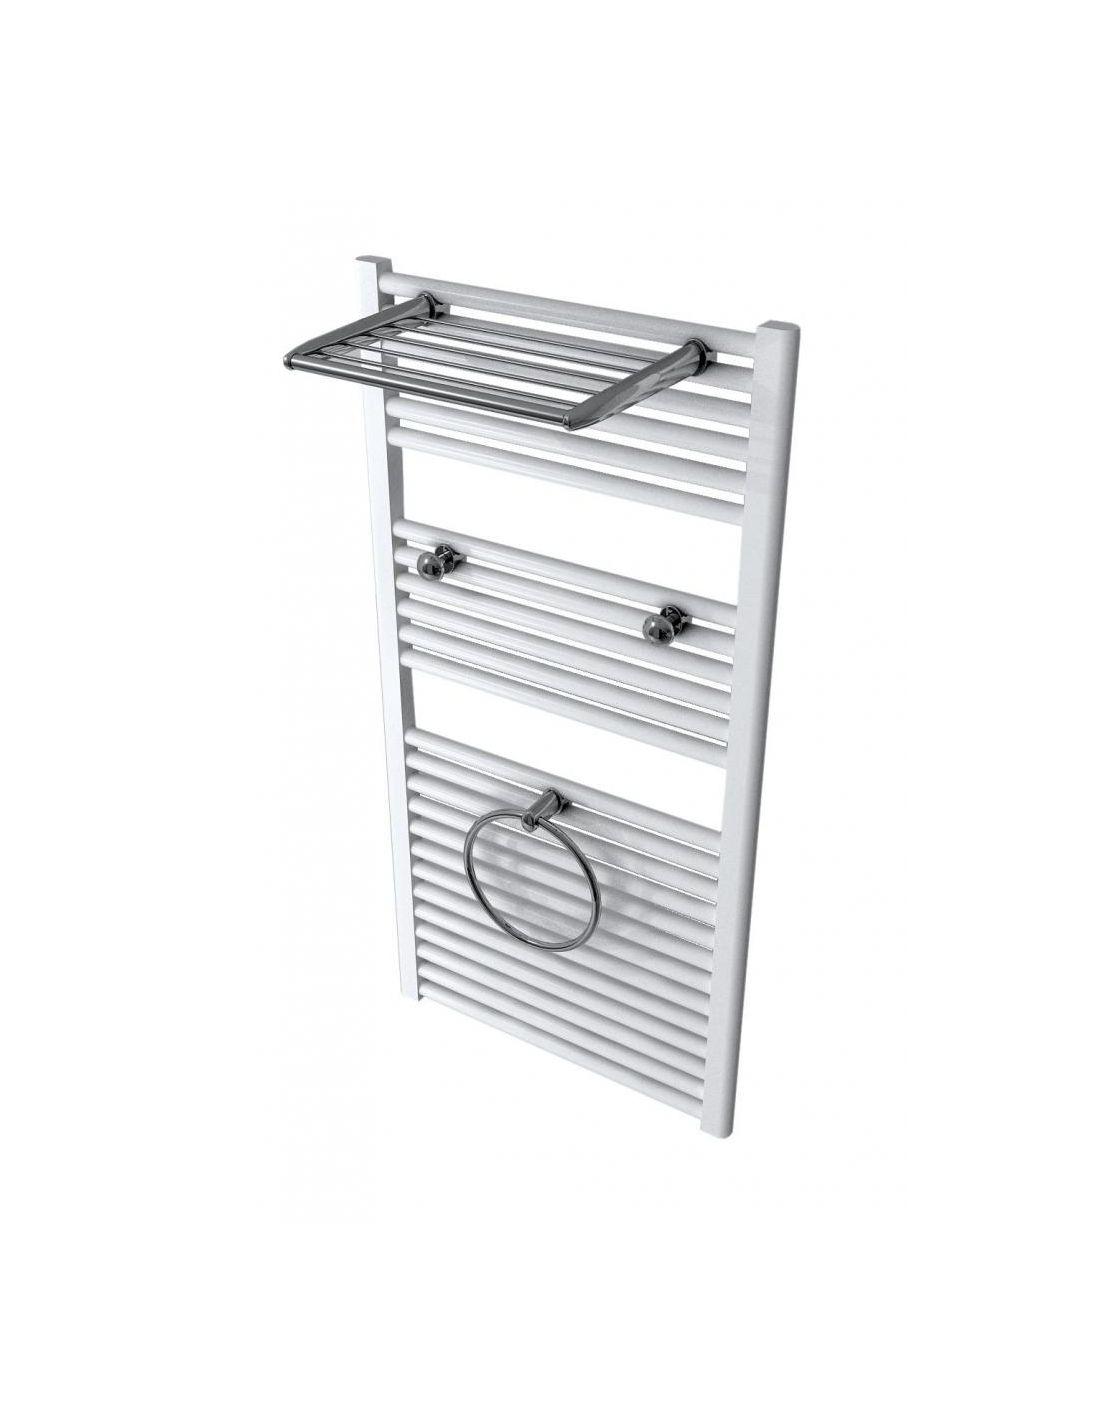 30 pezzi handy up 360 porta asciugamani arredo bagno per hotel - Appendi asciugamani bagno ...